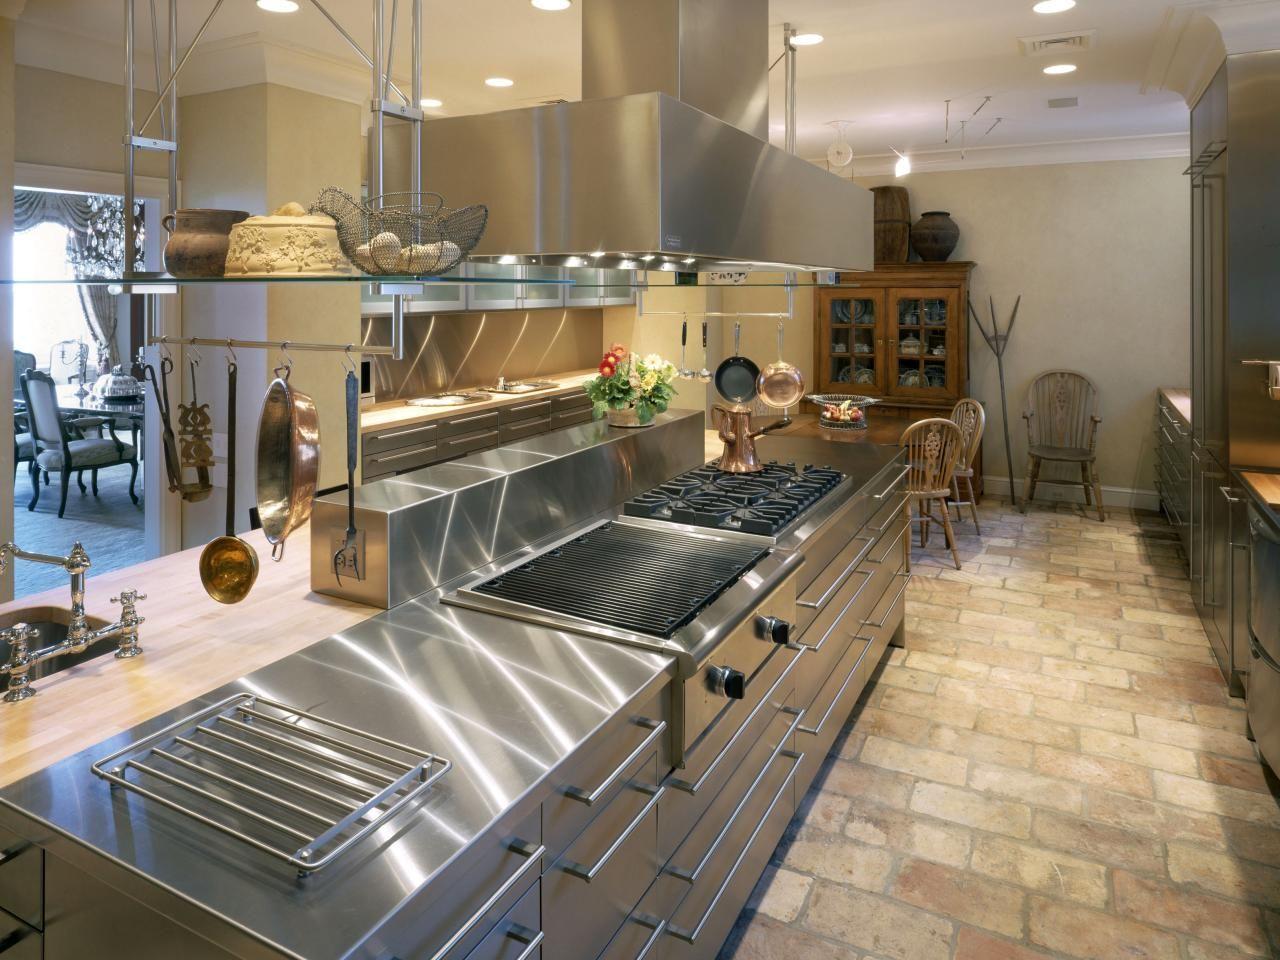 Top 10 Professional-Grade Kitchens   Diseño de cocina, Restaurante y ...